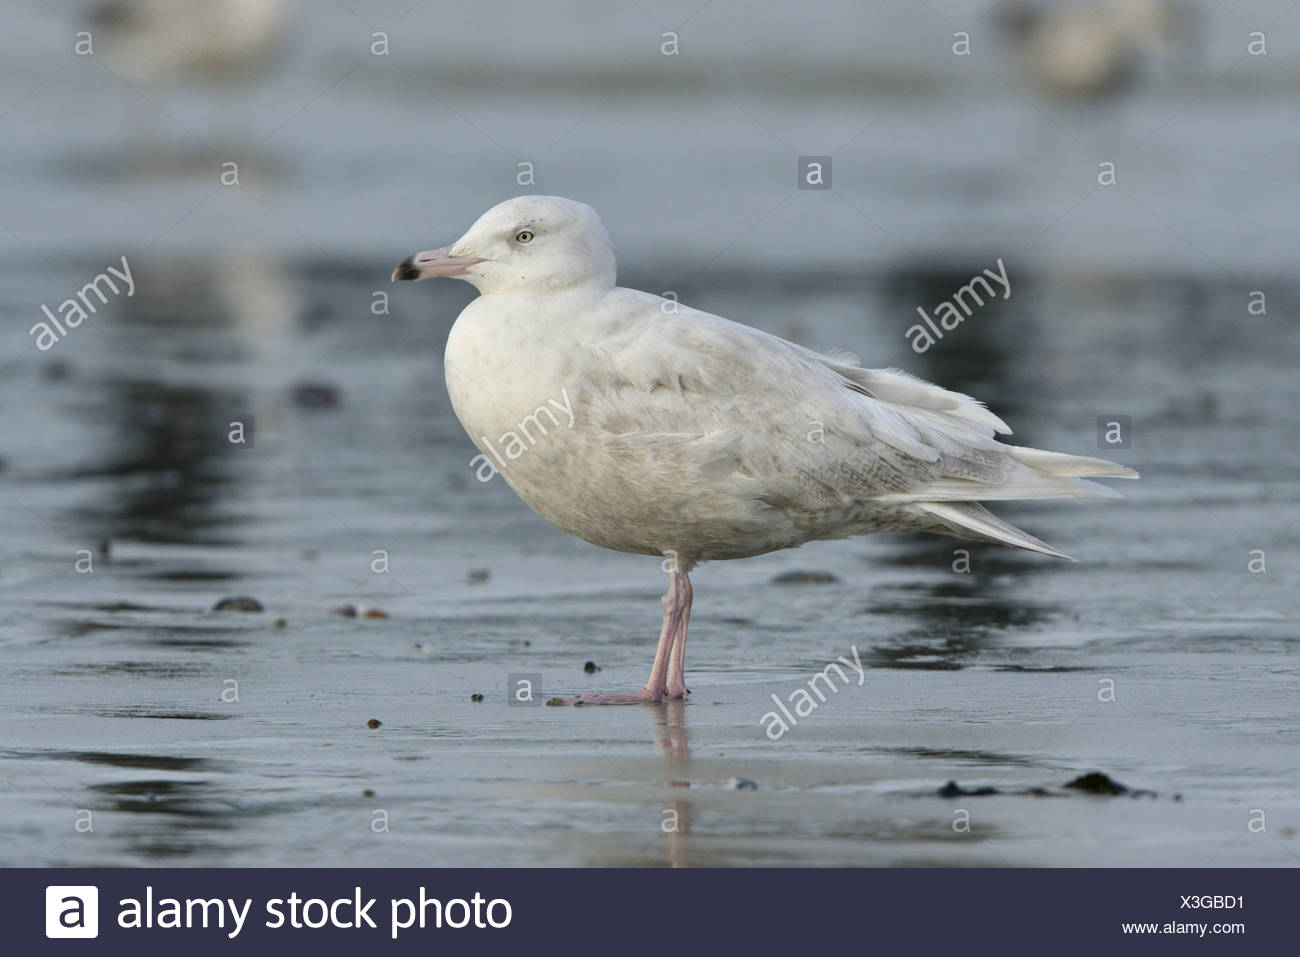 Glaucous Gull Larus hyperboreus - First Winter. - Stock Image